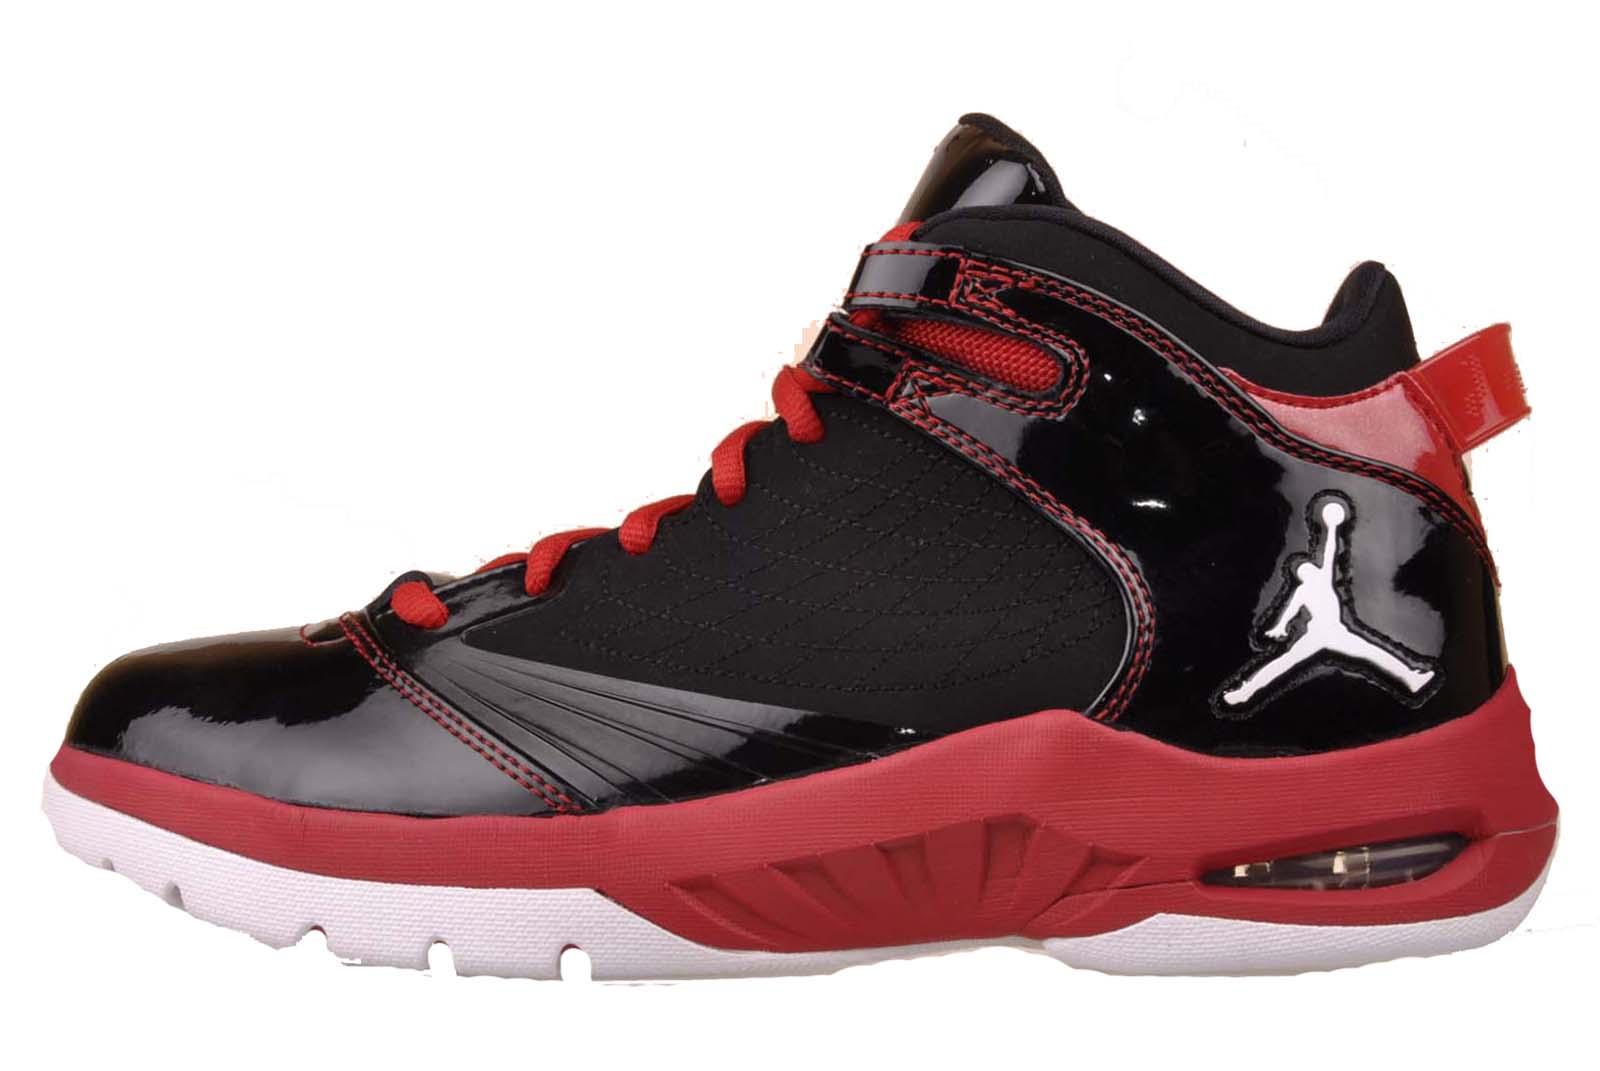 Nike Jordan New School Mens Basketball Shoes Black White Varsity Red 469955 001